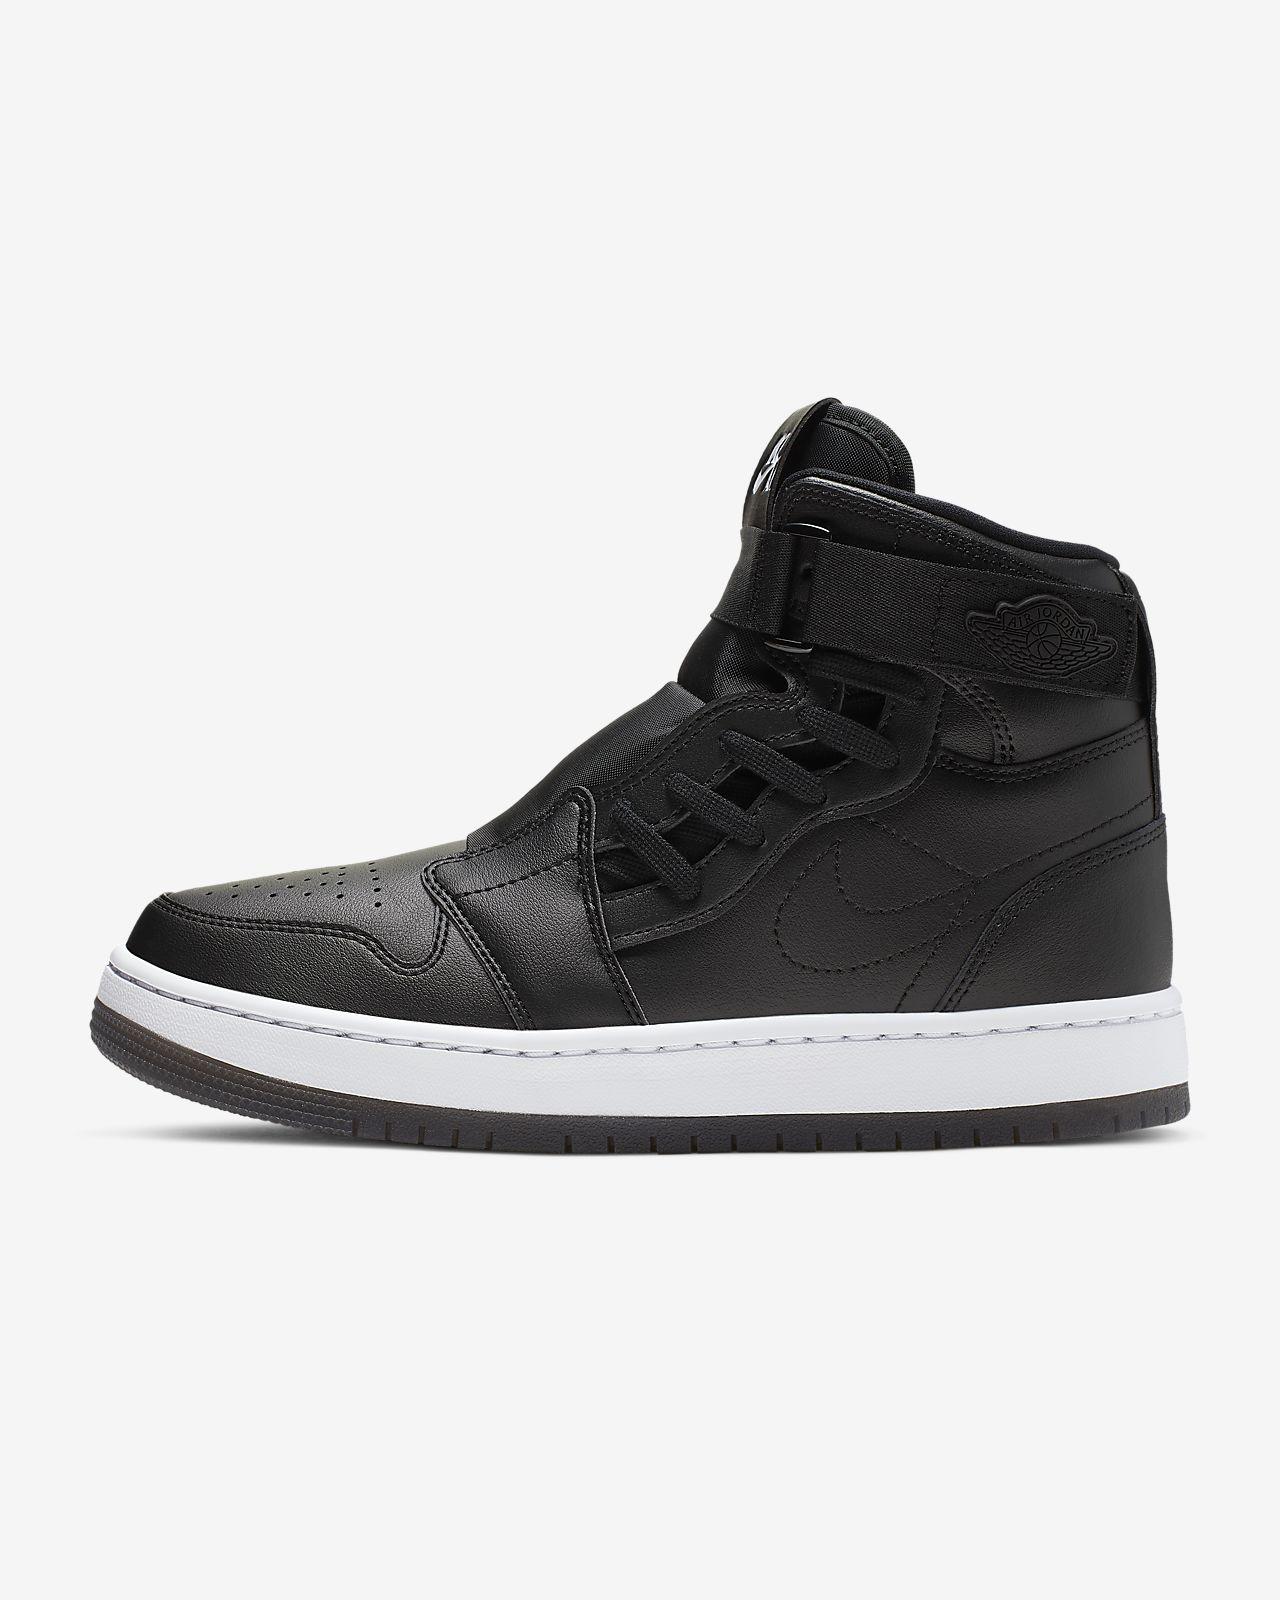 Calzado para mujer Air Jordan 1 Nova XX